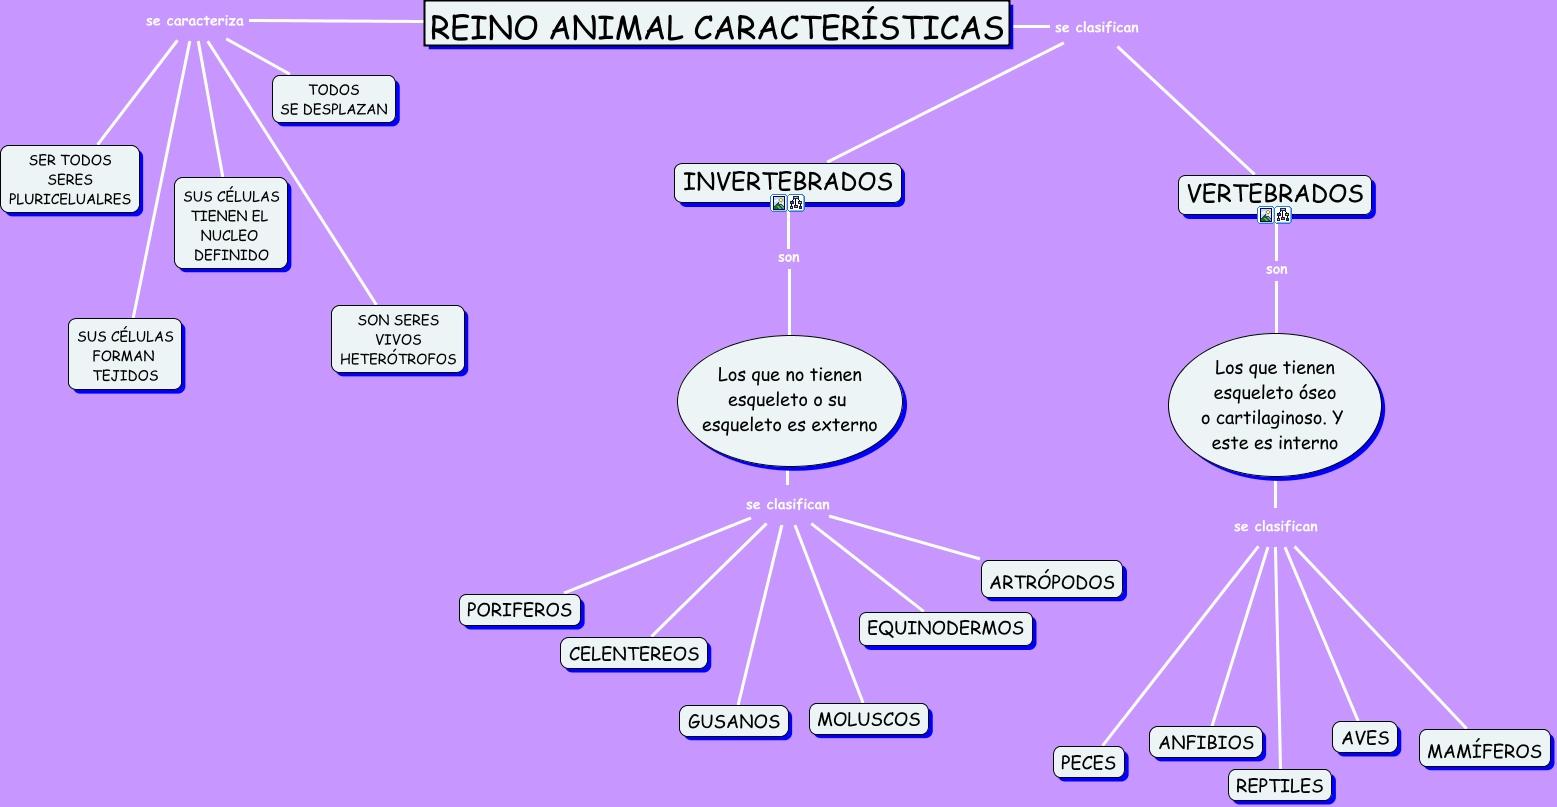 imagenes de animales y sus caracteristicas